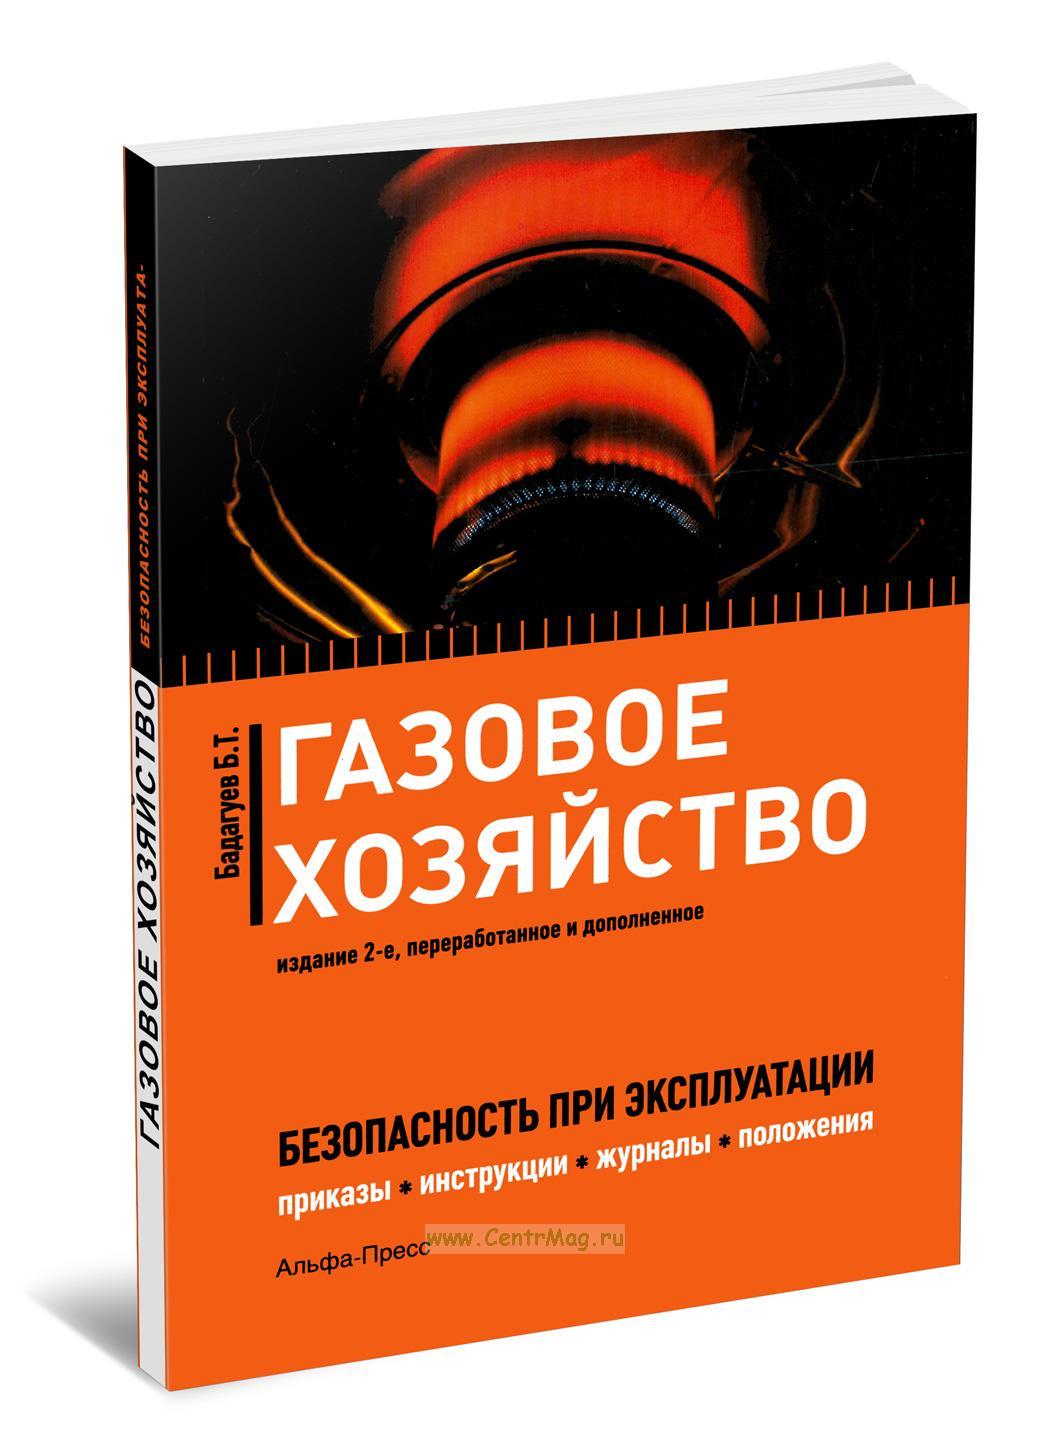 Газовое хозяйство: Безопасность при эксплуатации. Приказы, инструкции, журналы, положения. 2-е издание